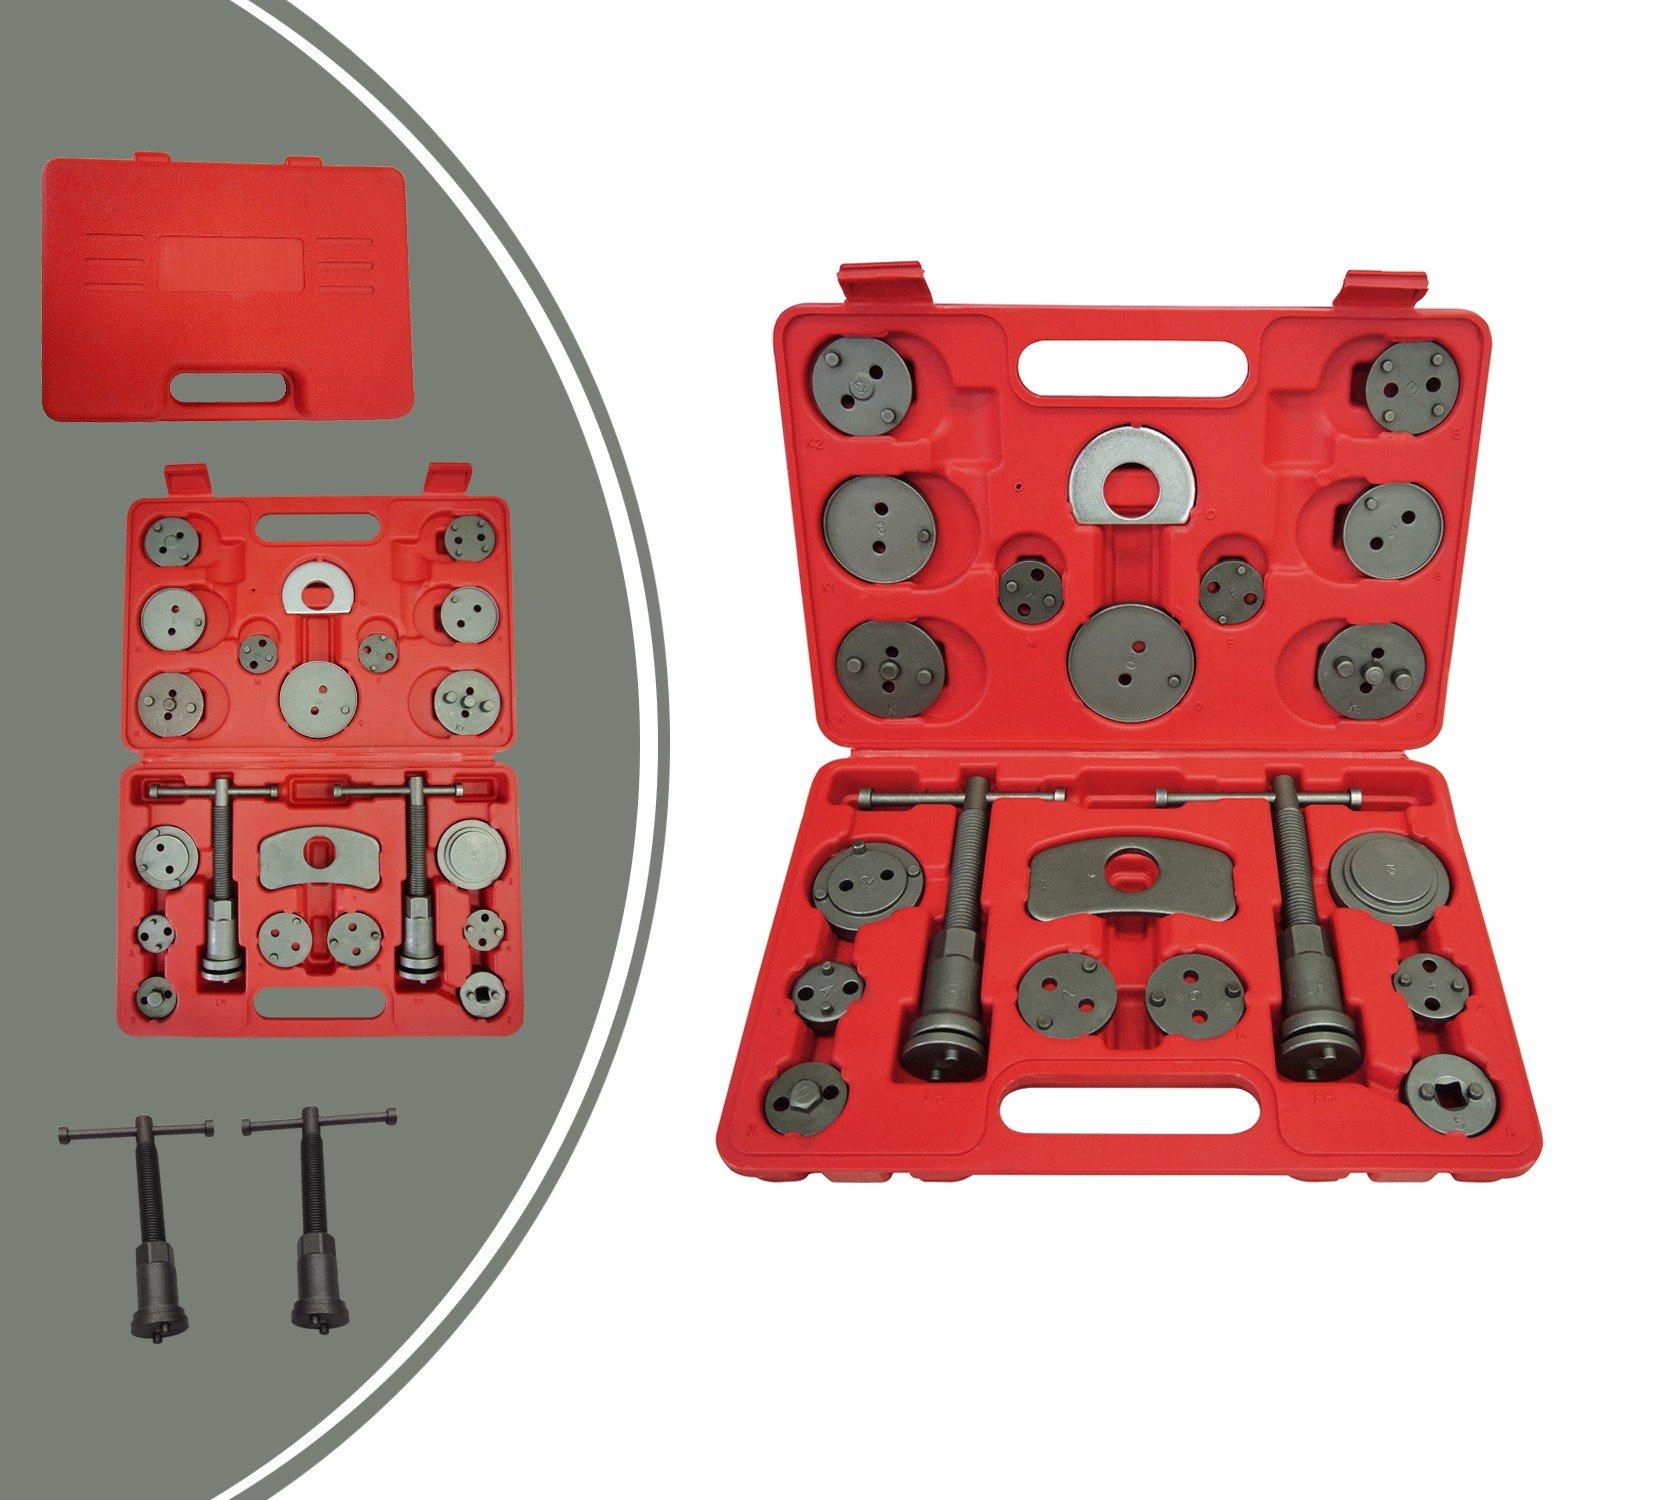 Leogreen - Kit de Herramientas de Reparación de Frenos, Juego de Herramientas de Frenos,